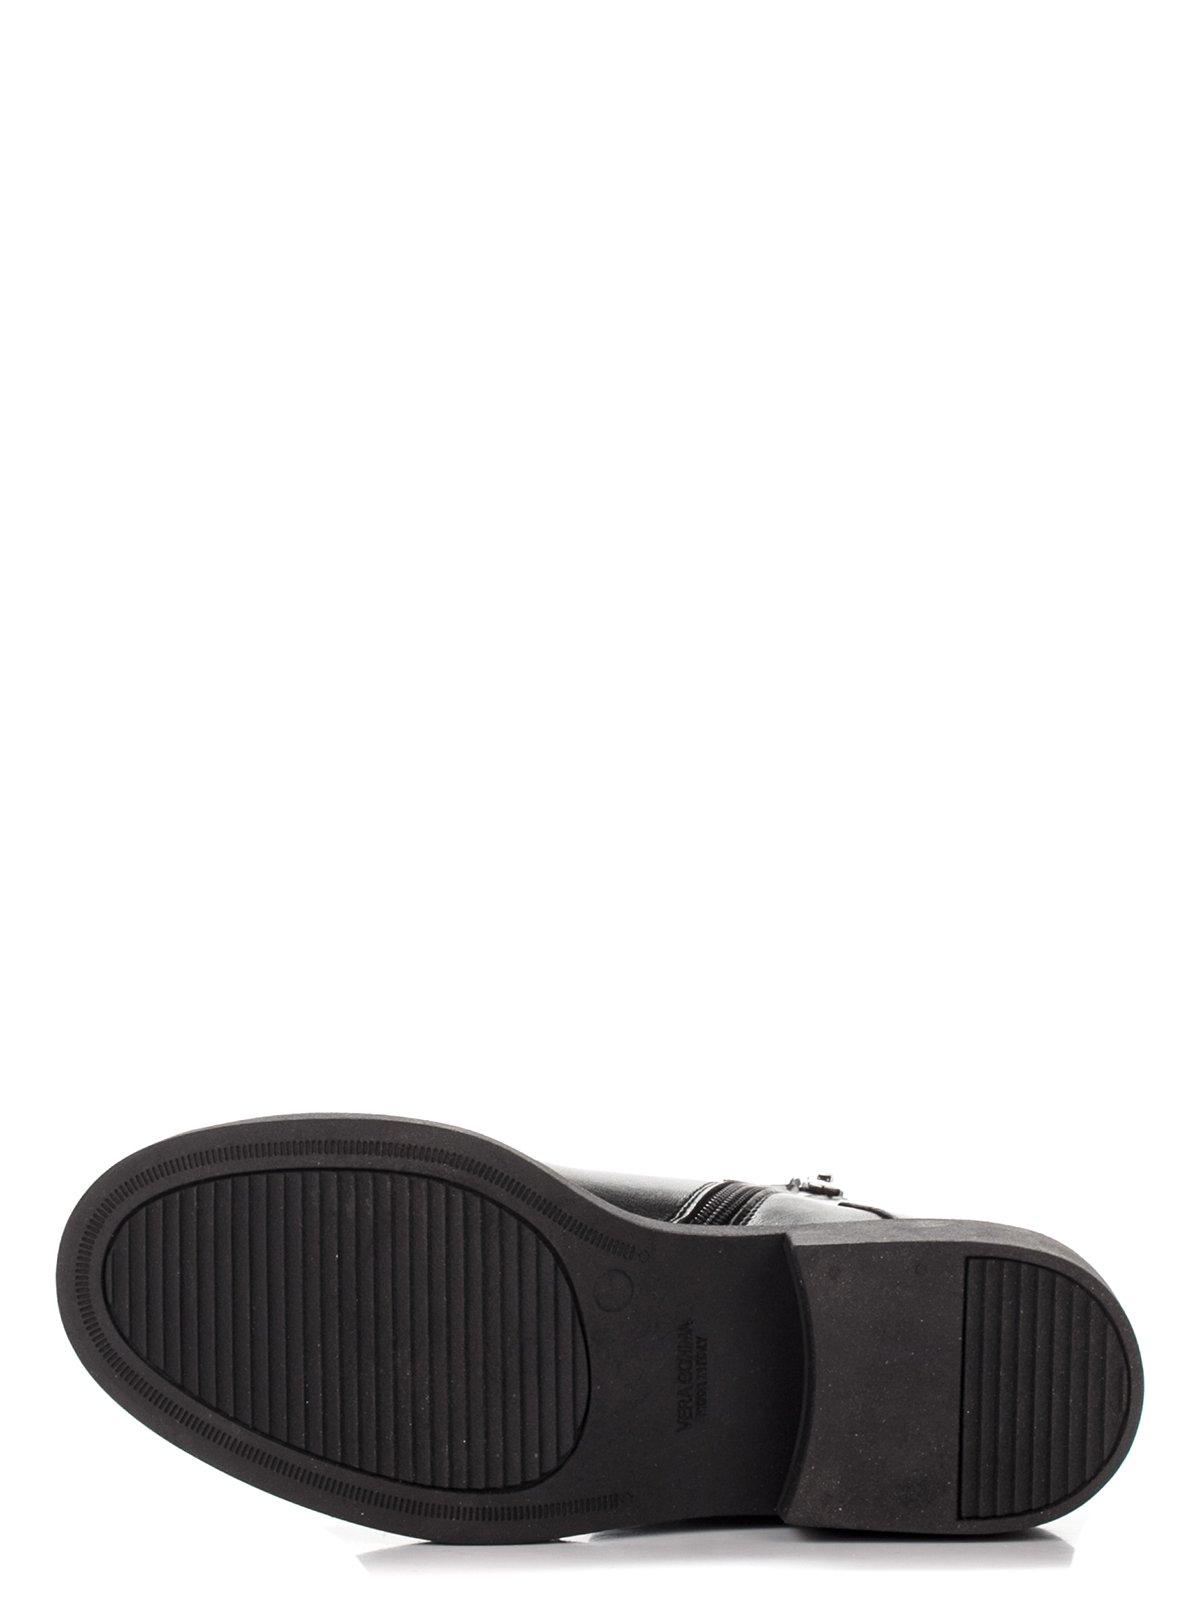 Ботинки черные | 3675915 | фото 5